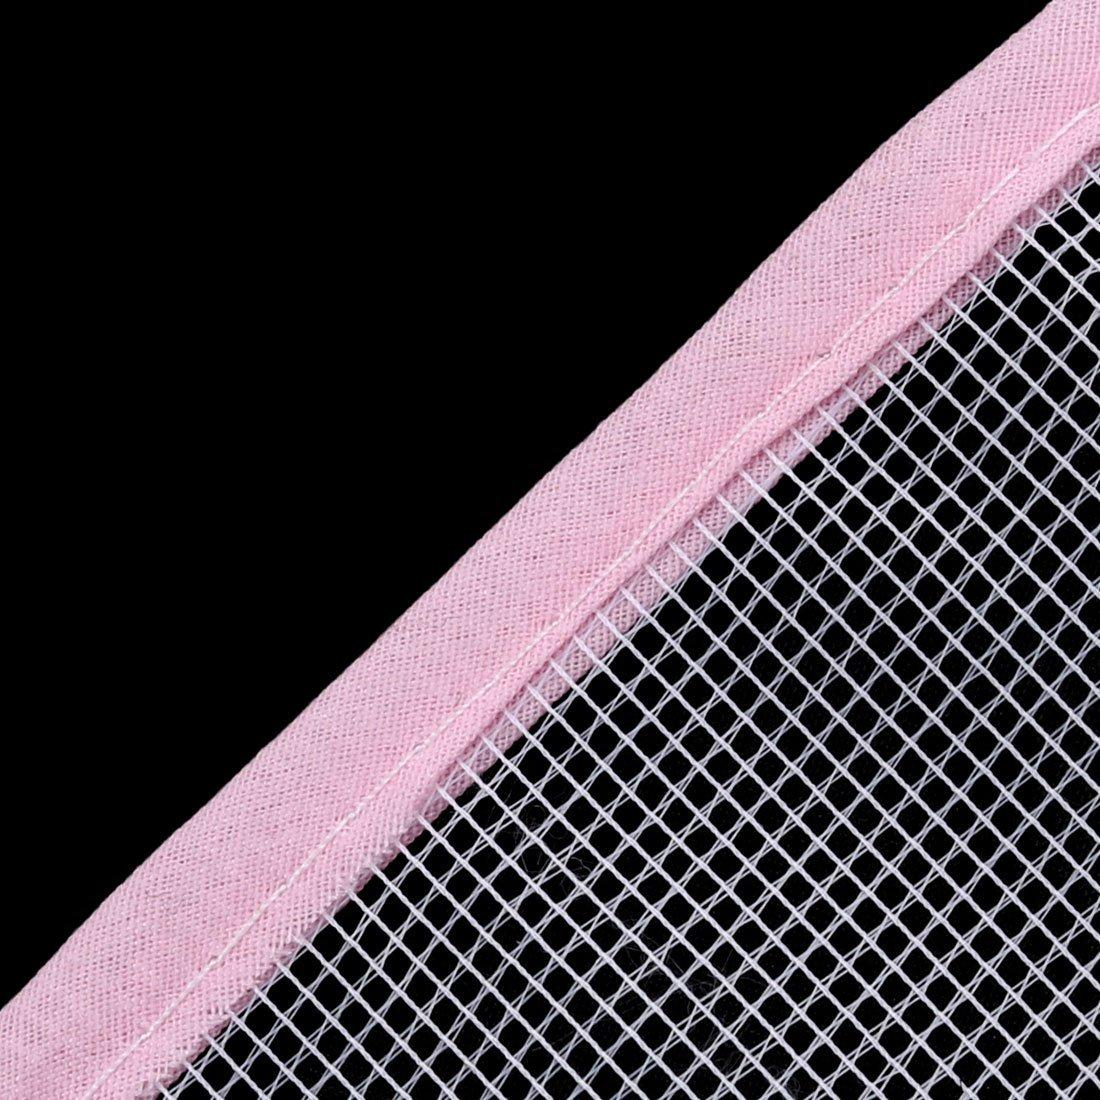 Amazon.com: eDealMax Inicio de protección de planchado Scorch ahorro de Malla de calefacción uniformemente presionar Cloth Cojín 2pcs Blanca: Home & Kitchen